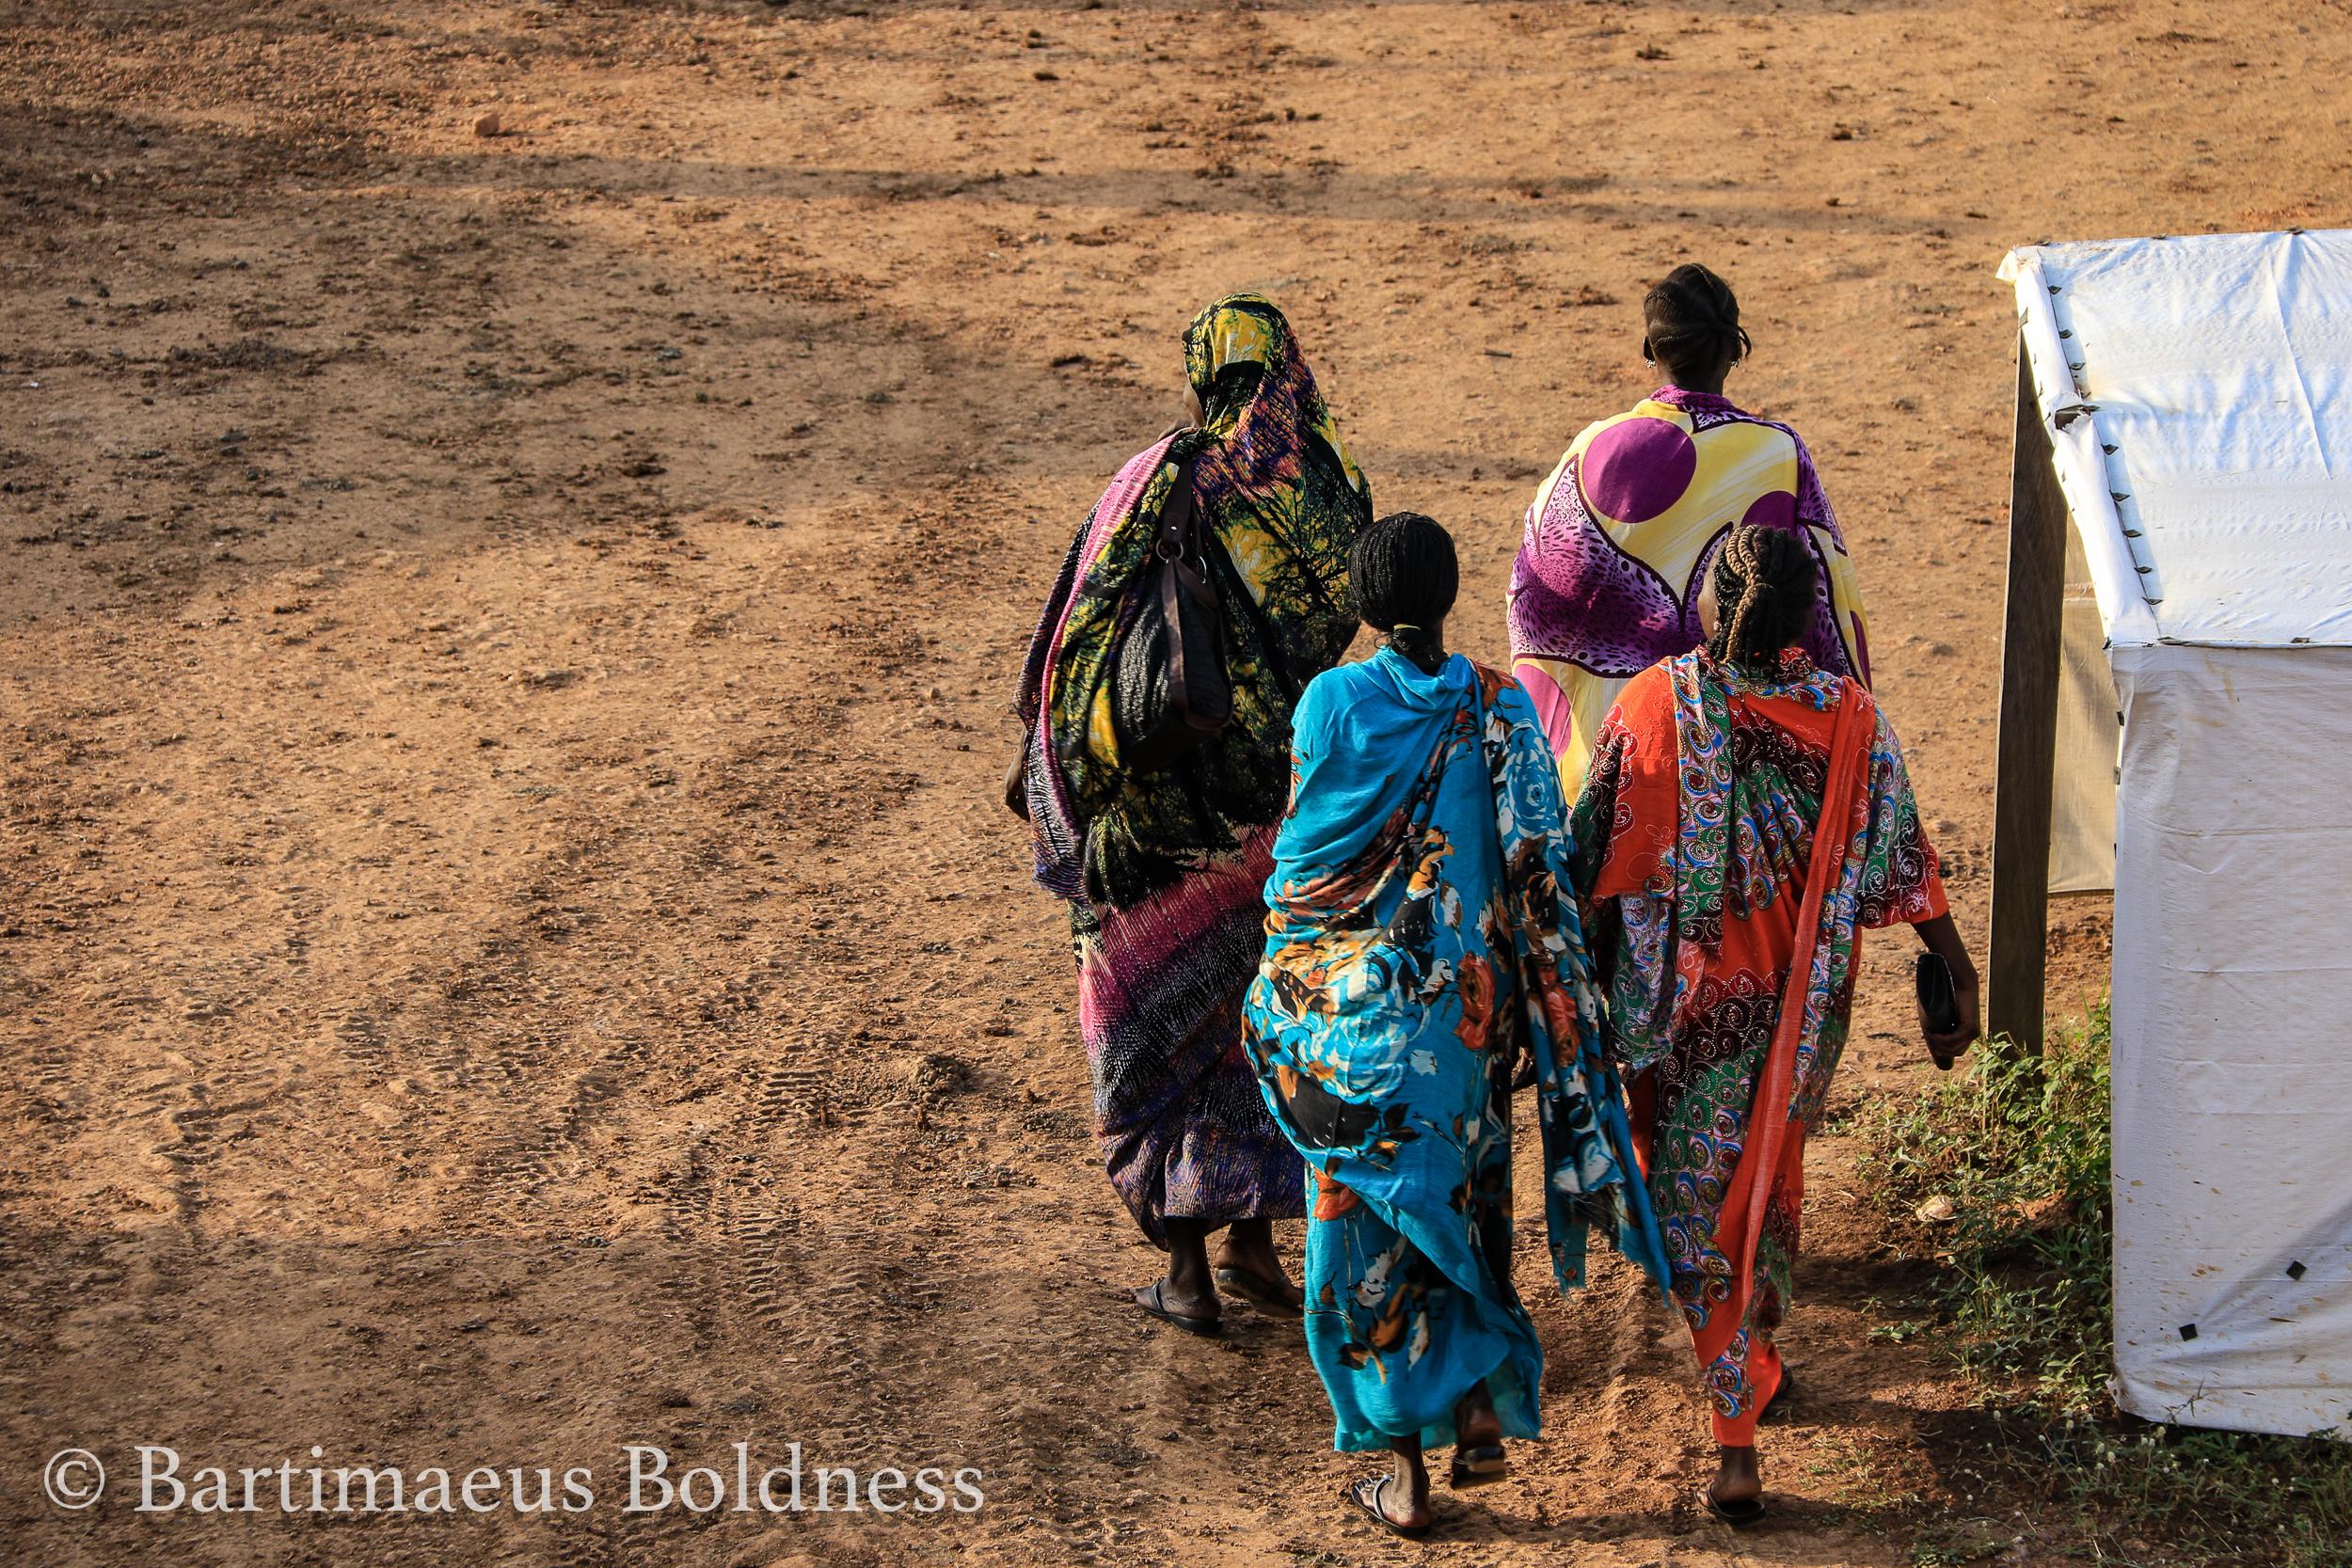 smaller resolution south sudan-34.jpg